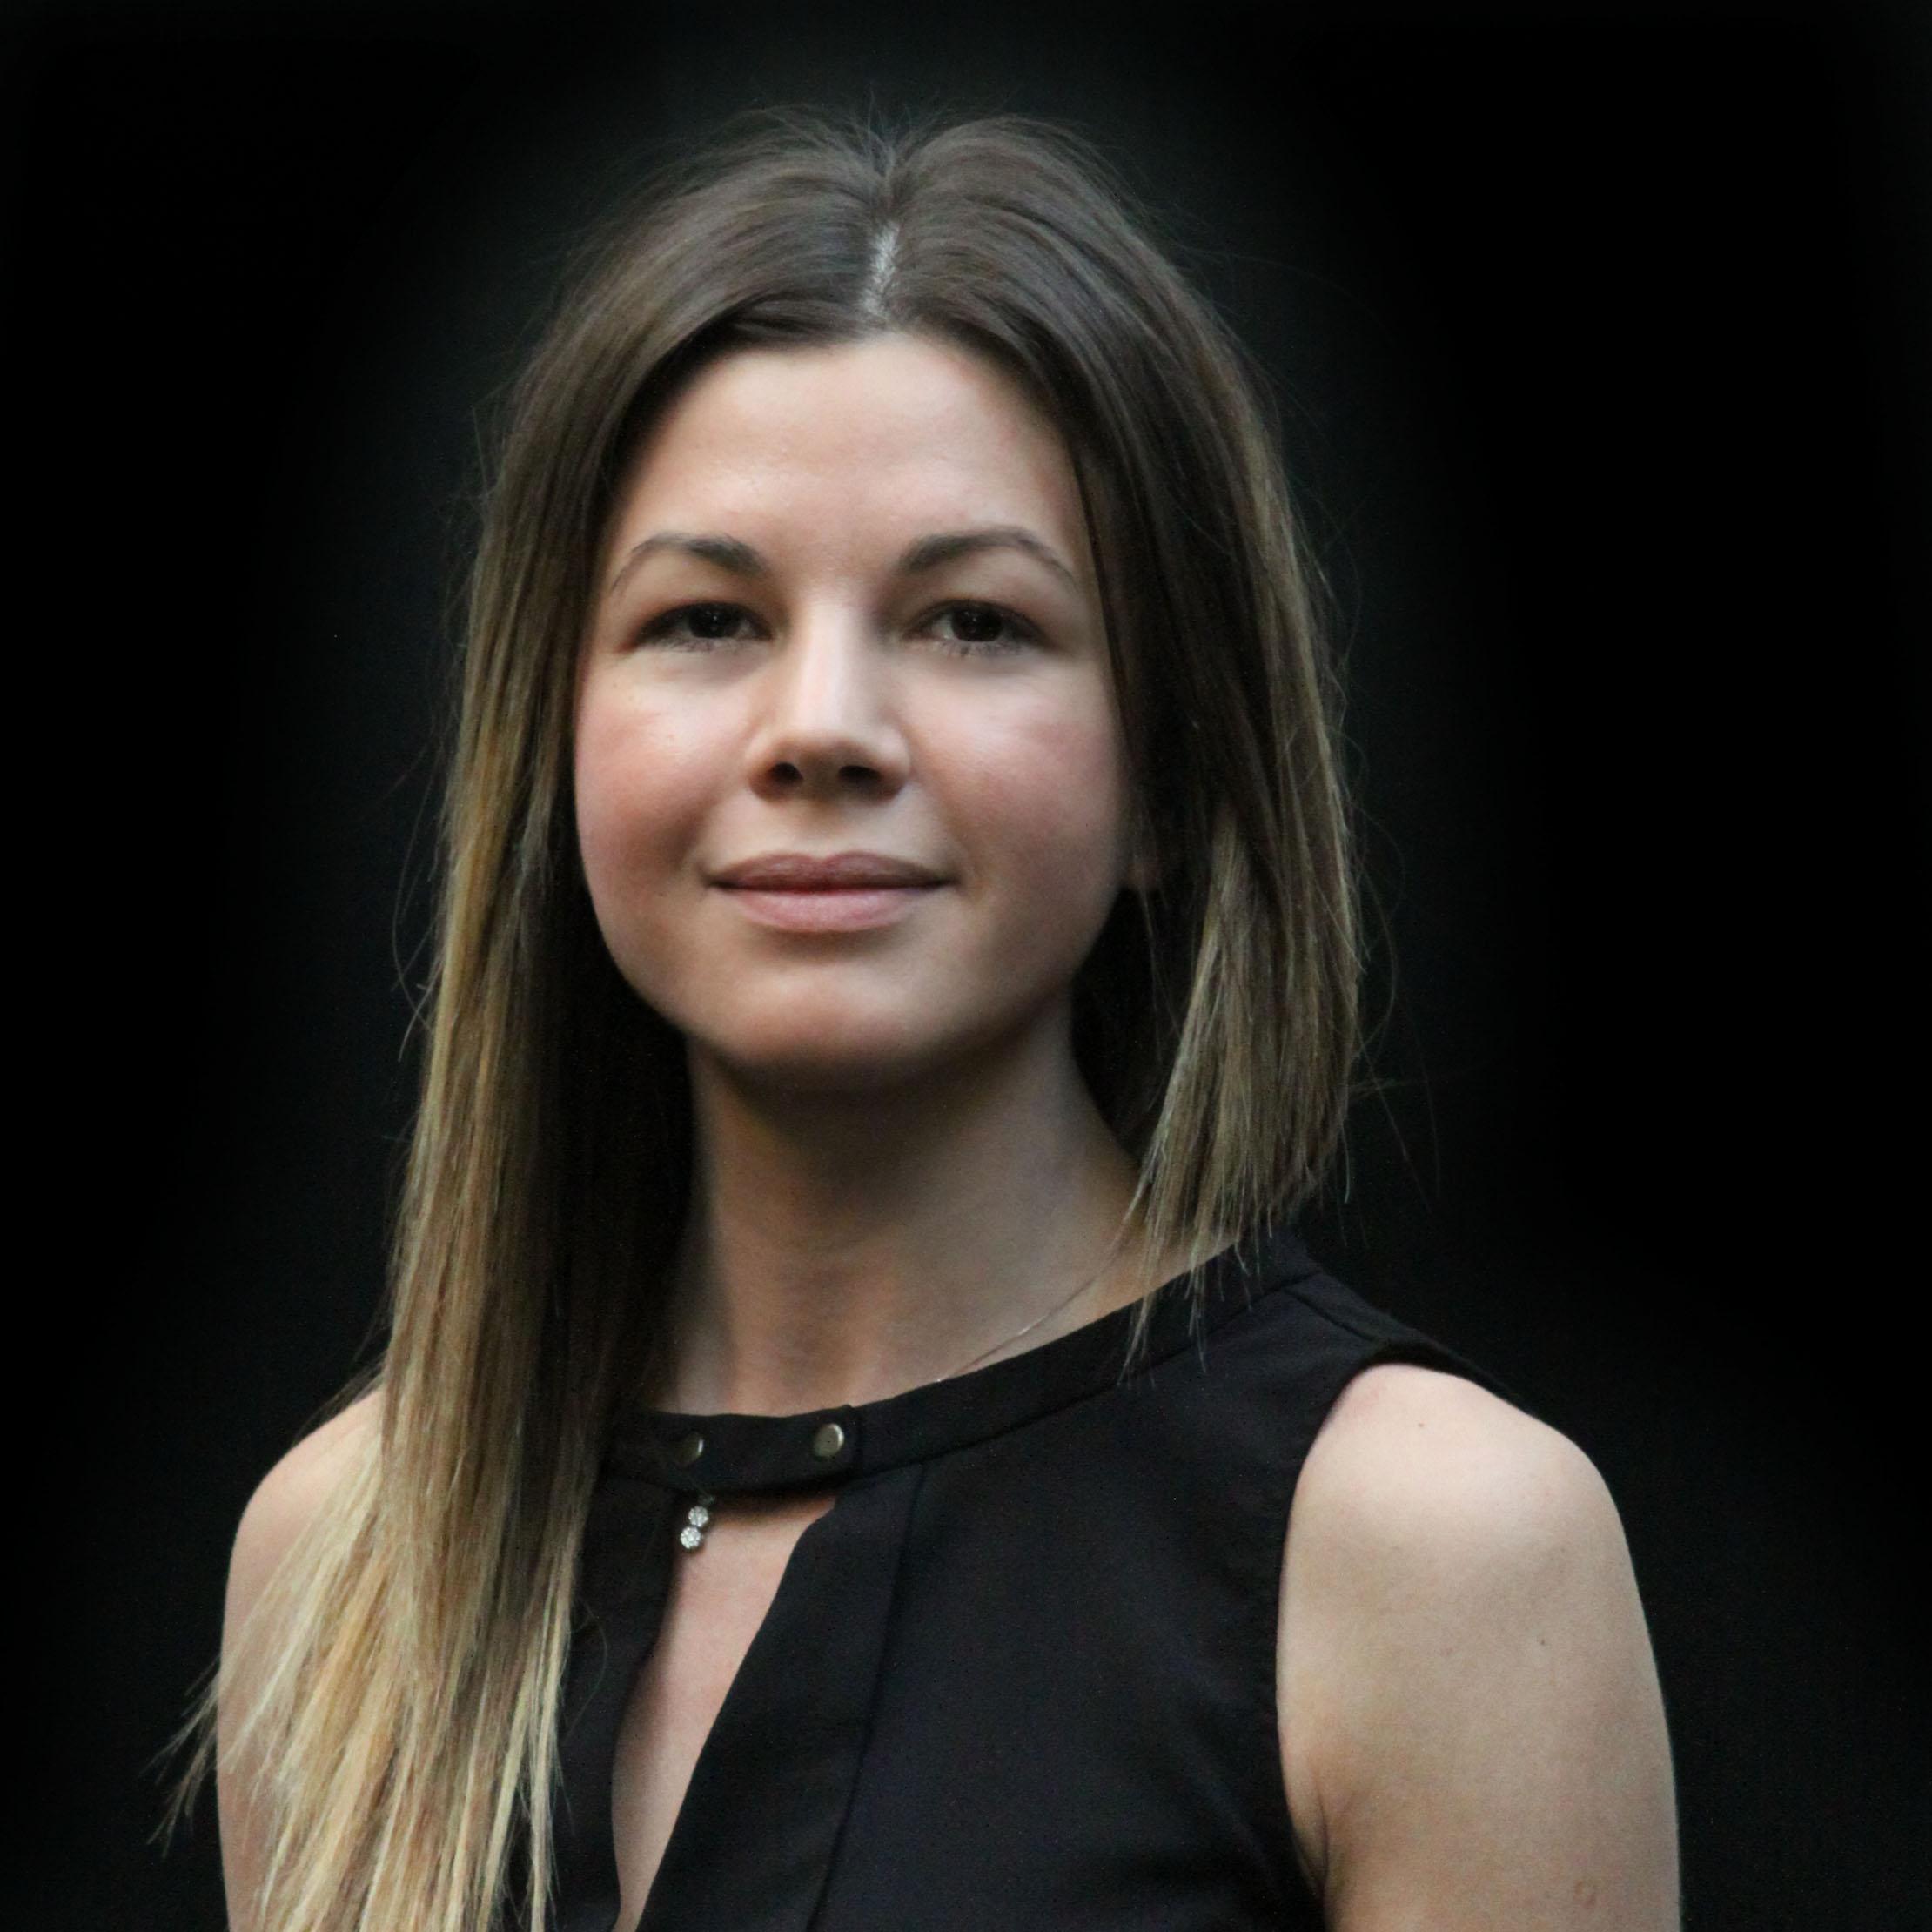 Victoria Osoianu